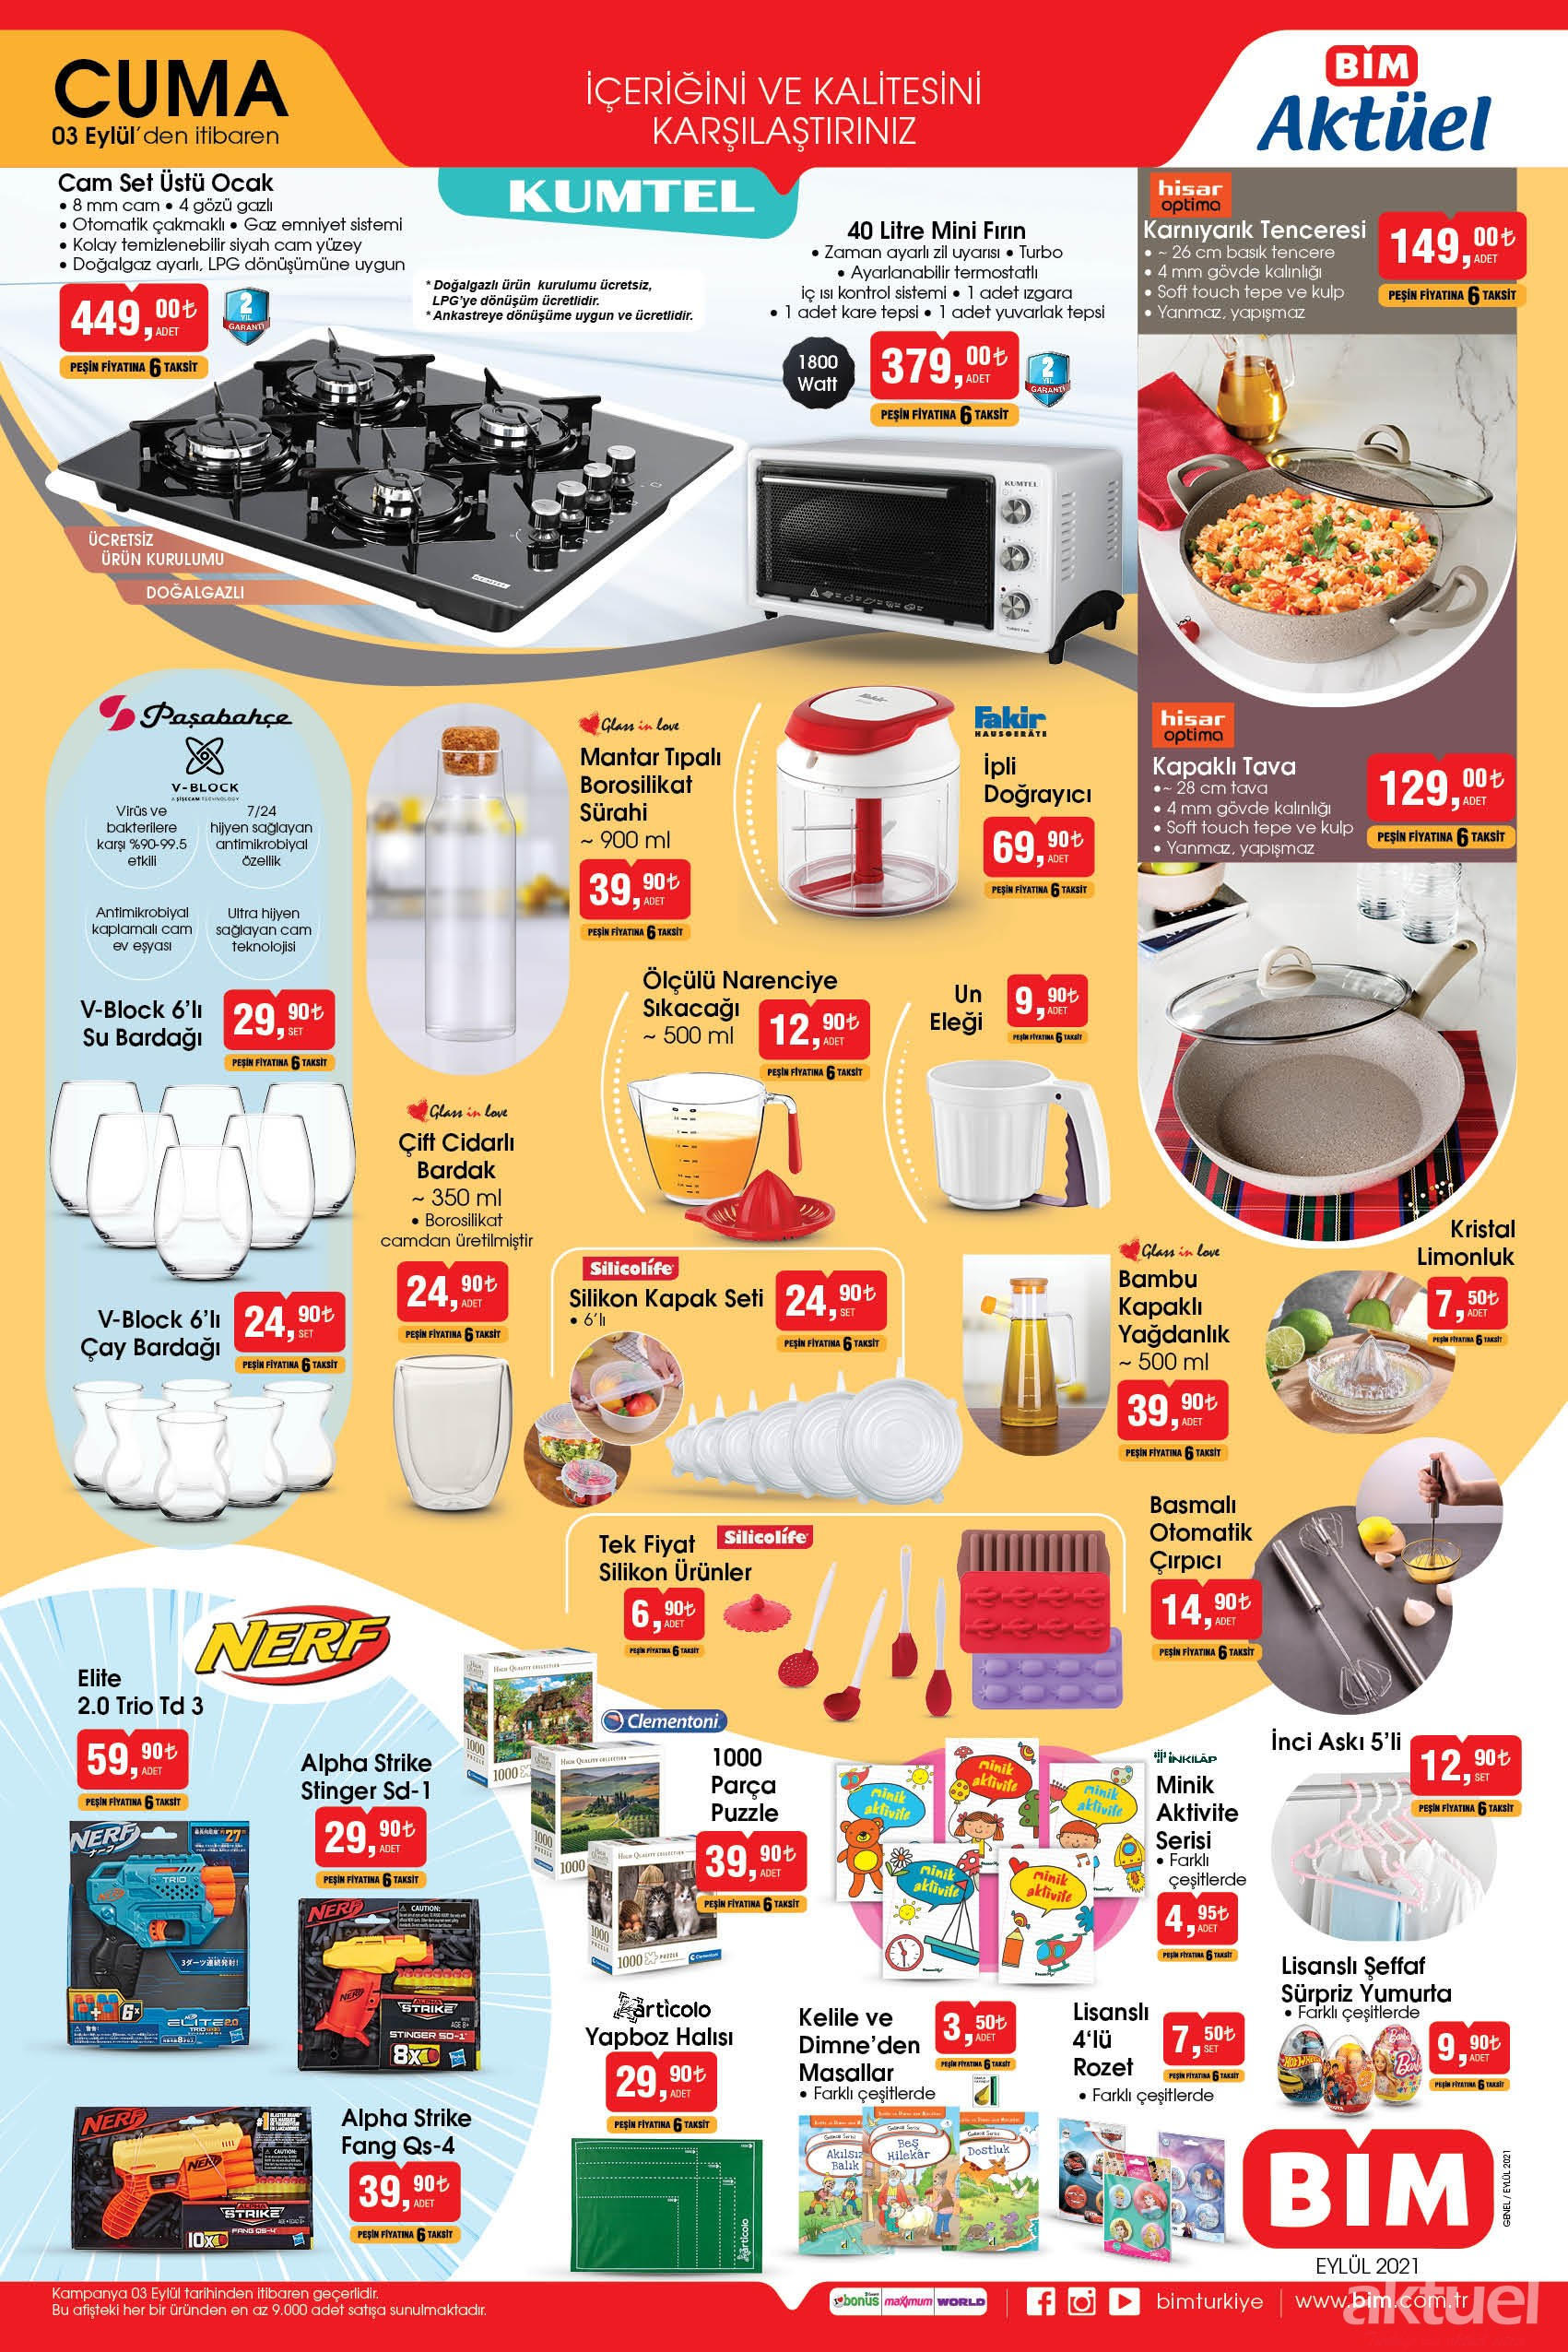 Bim 3 Eylül 2021 mutfak araç gereçleri